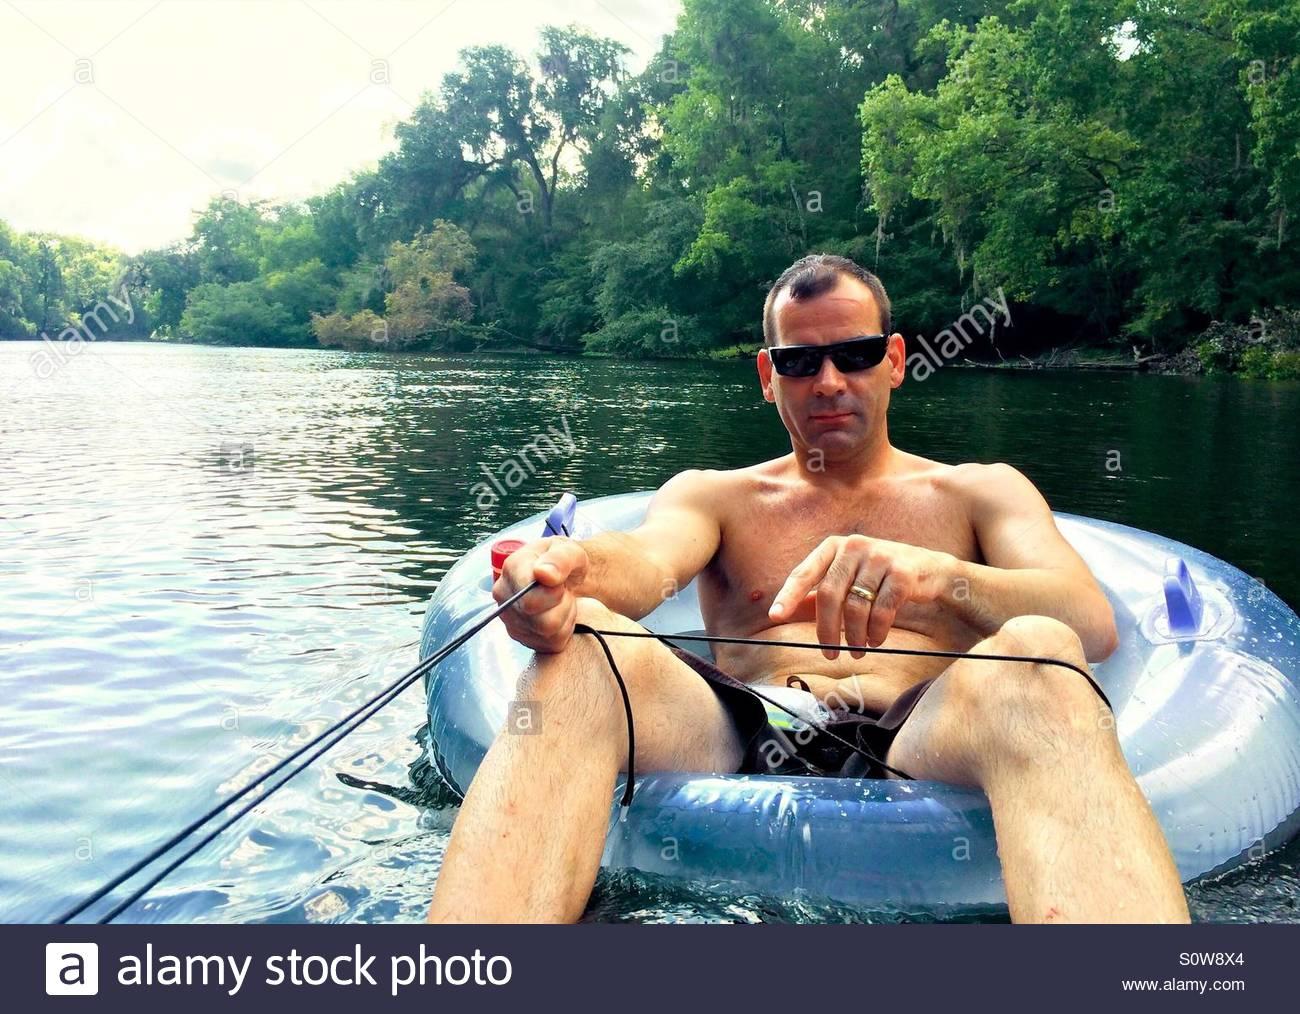 El hombre flotando por el Río Santa Fe en un tubo interior Imagen De Stock